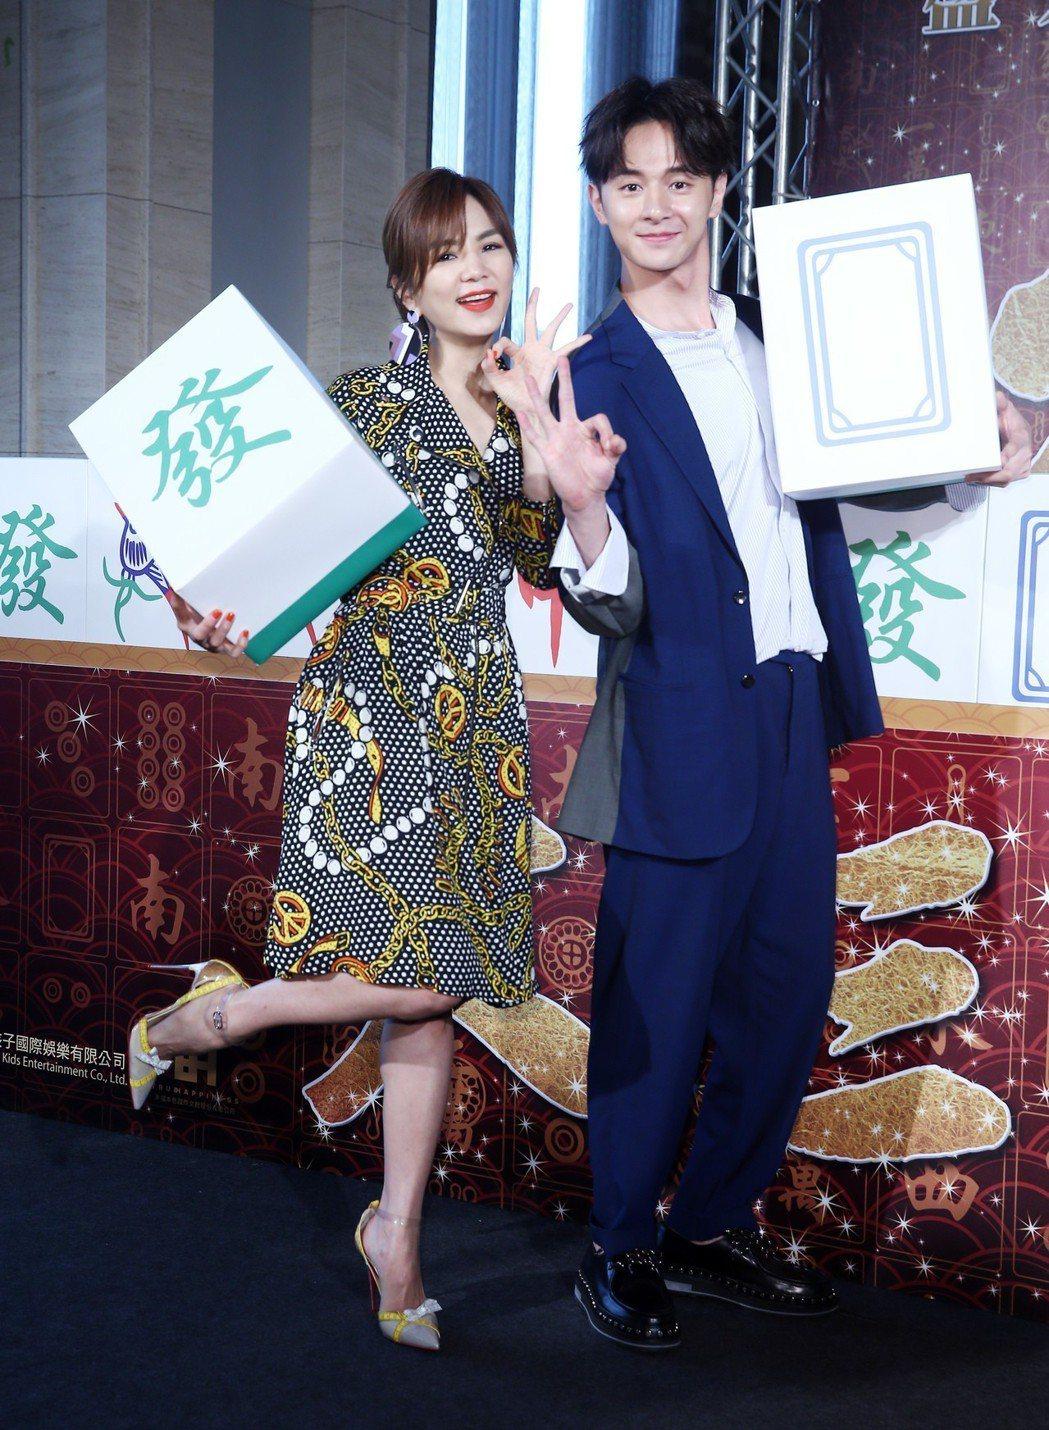 電影《大三元》預定在明年賀歲檔上映,2日舉辦發布記者會,女主角Ella陳嘉樺與男...